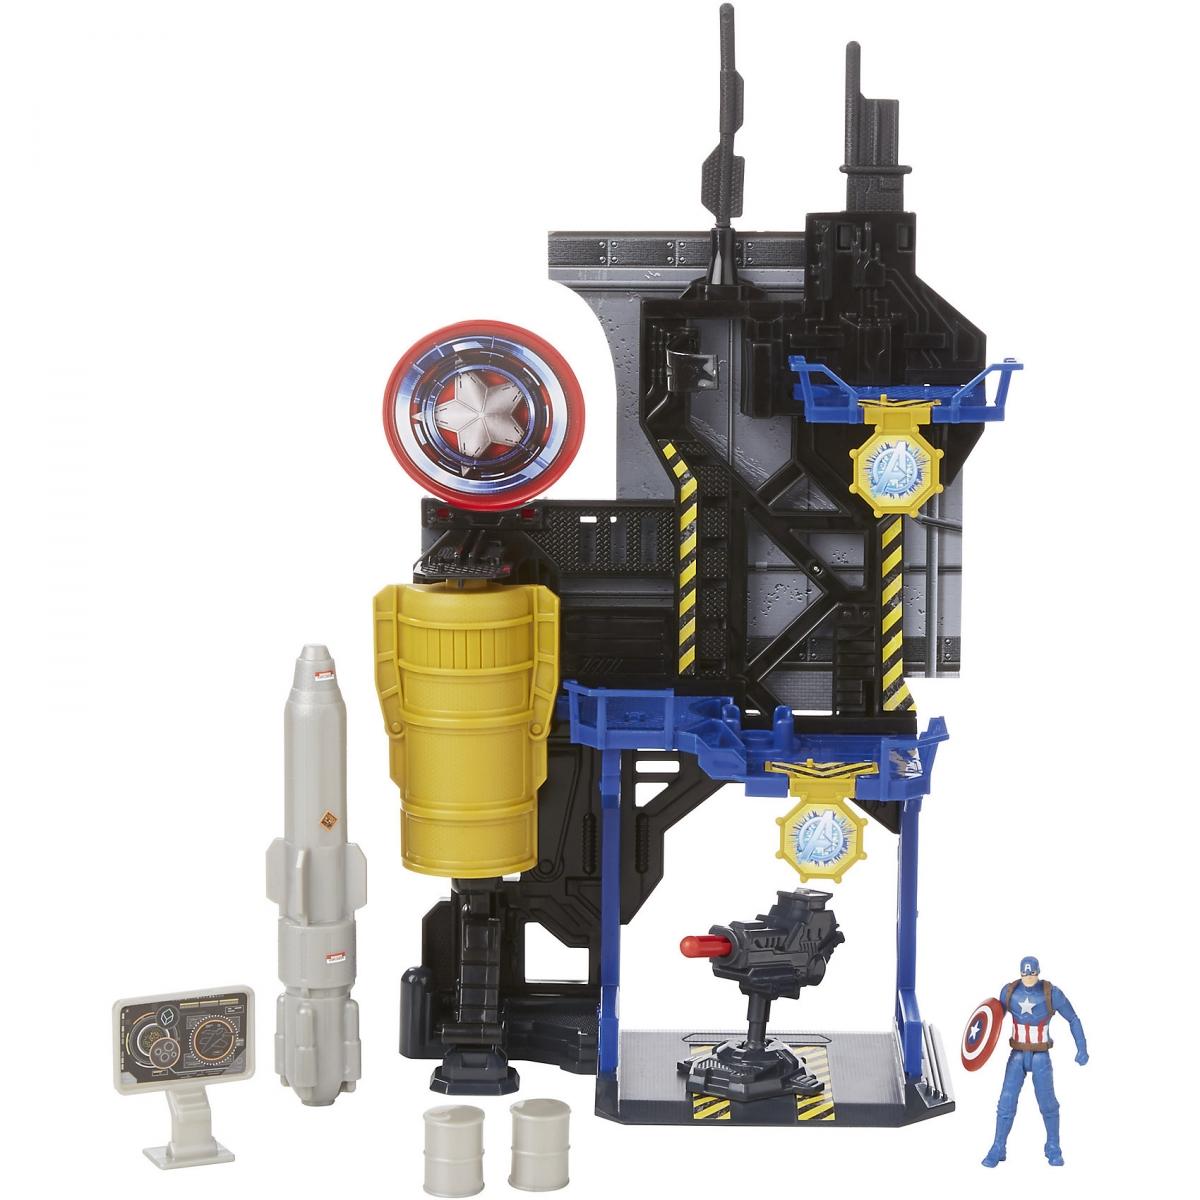 Игровой набор Hasbro B5770 Игровая башня Мстителей - Штаб-квартира Капитана Америки